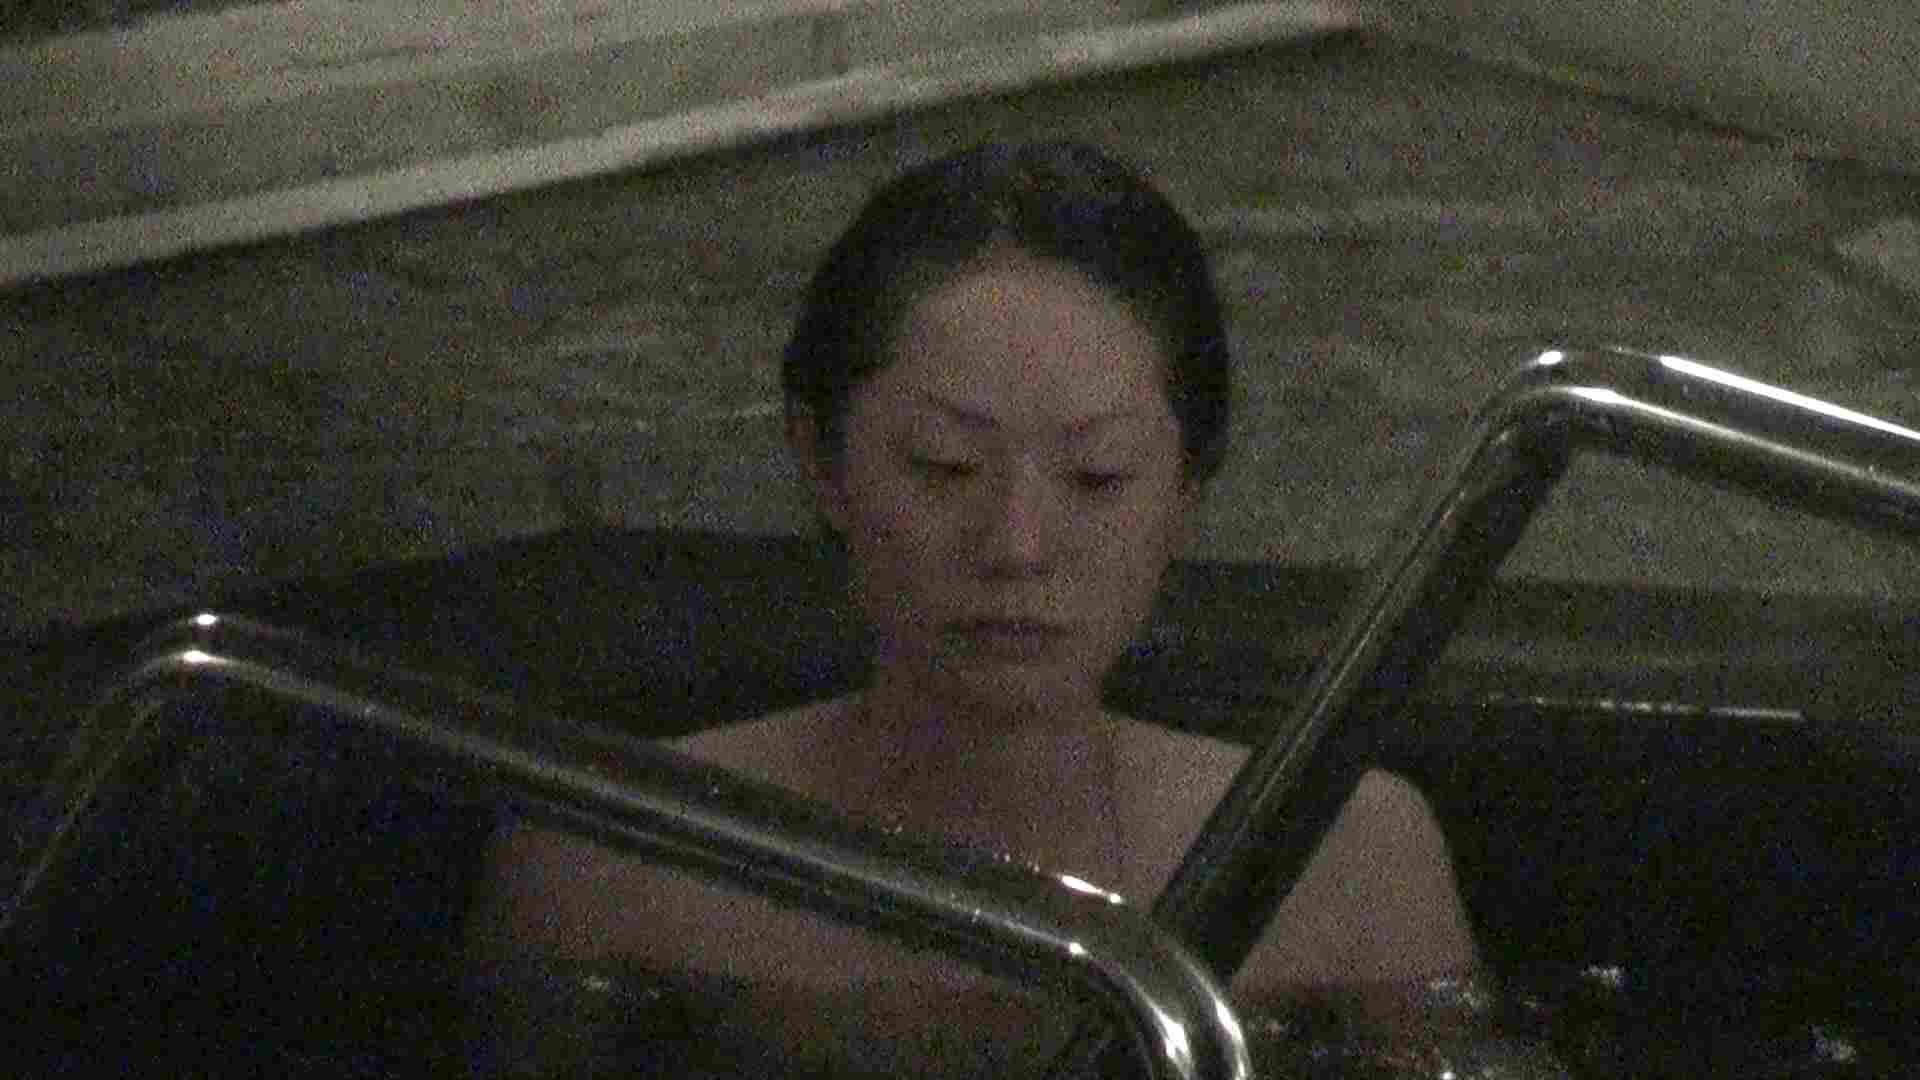 Aquaな露天風呂Vol.318 露天  48画像 48